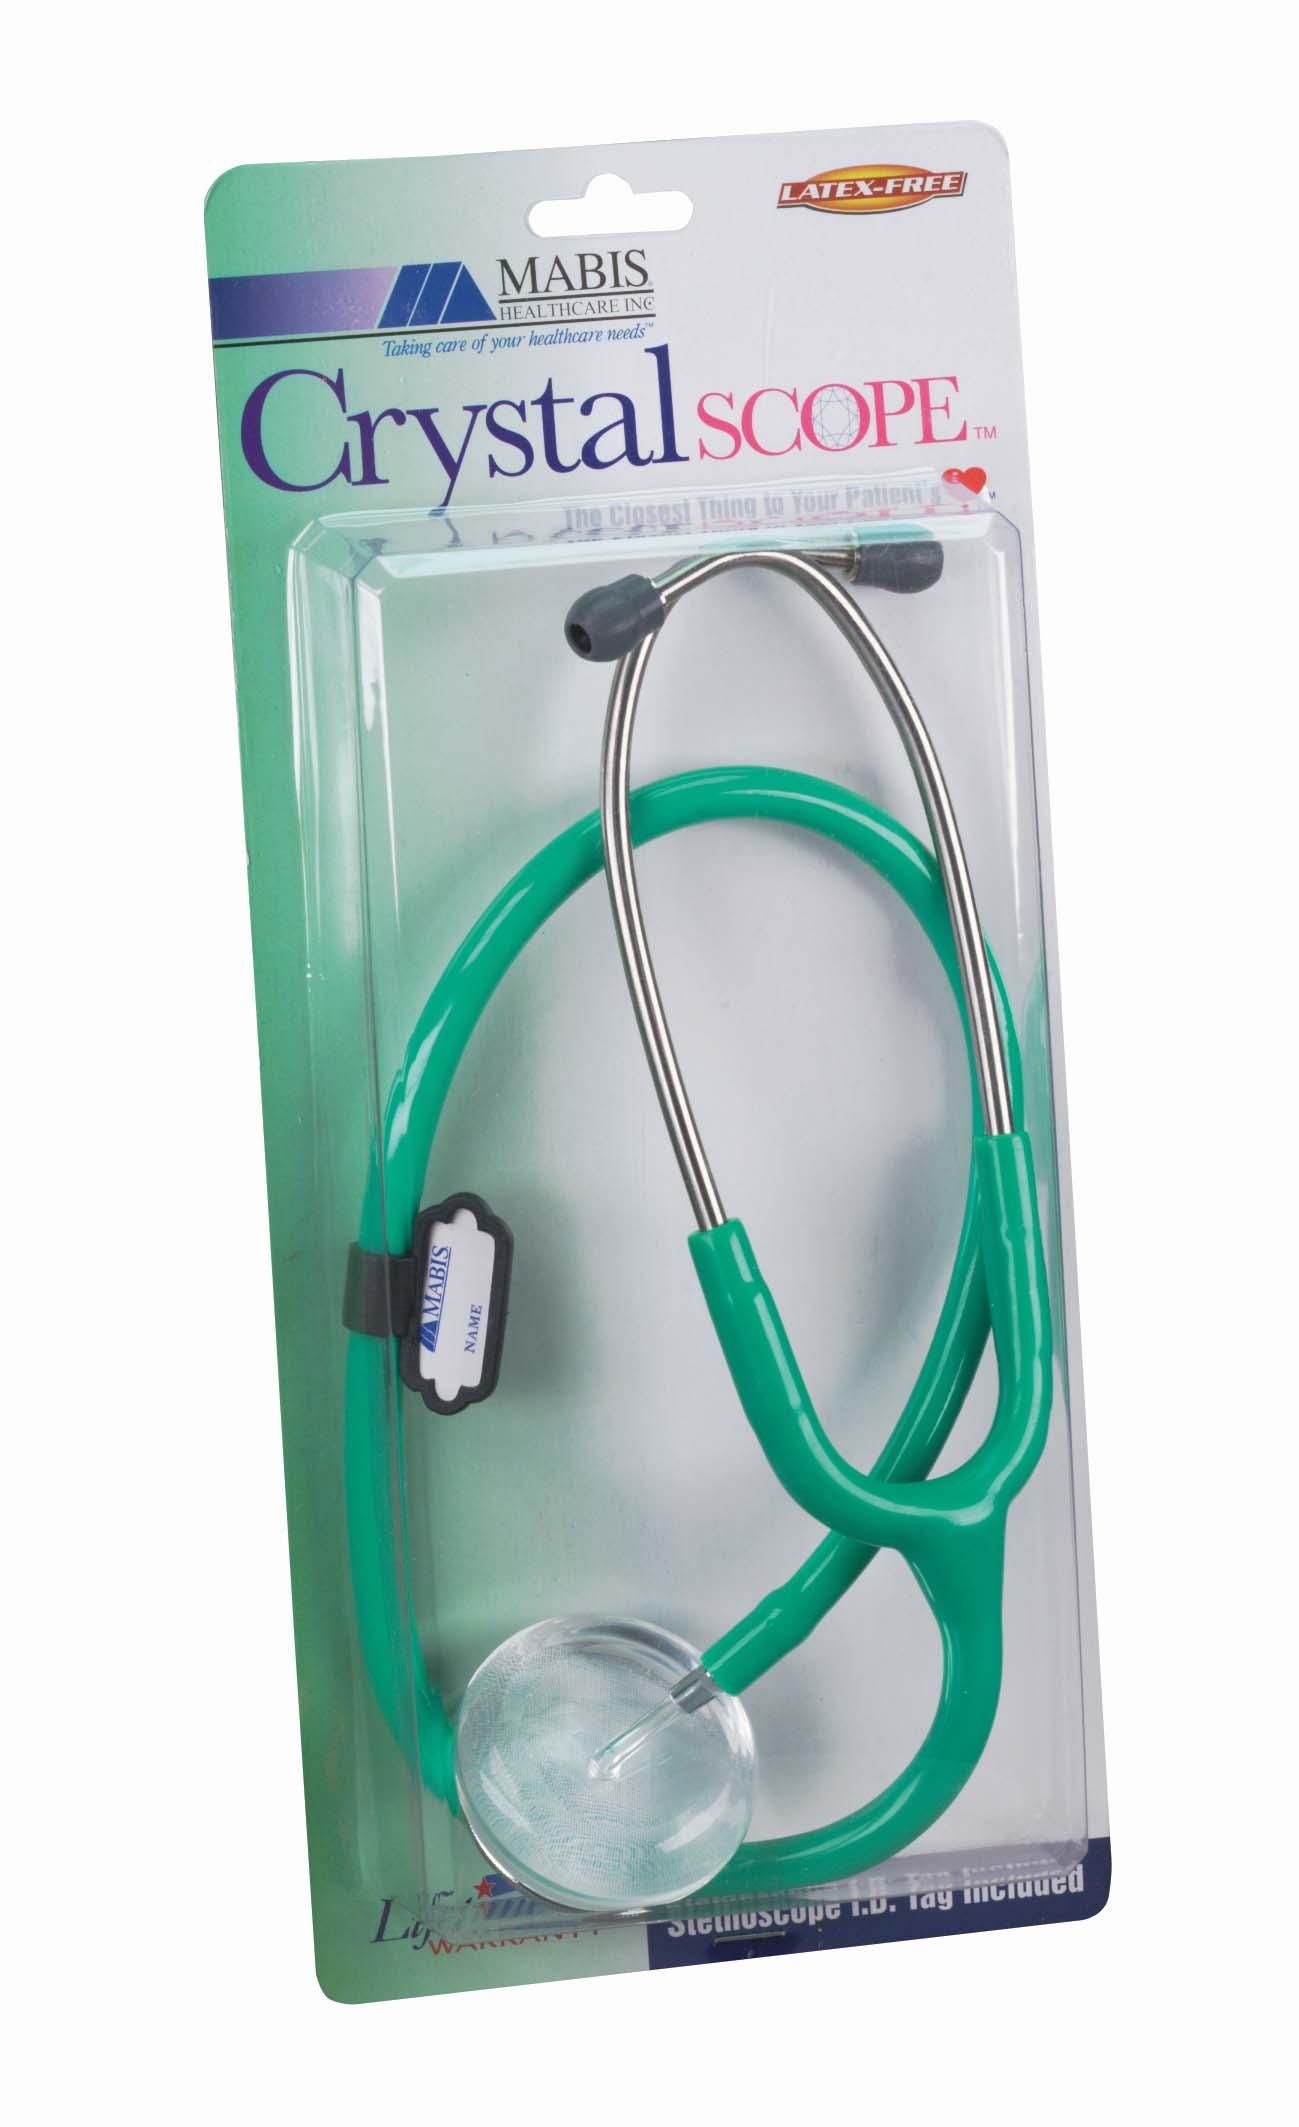 crystalscope-stethoscope-adult-ruby-10-460-300-lr-2.jpg